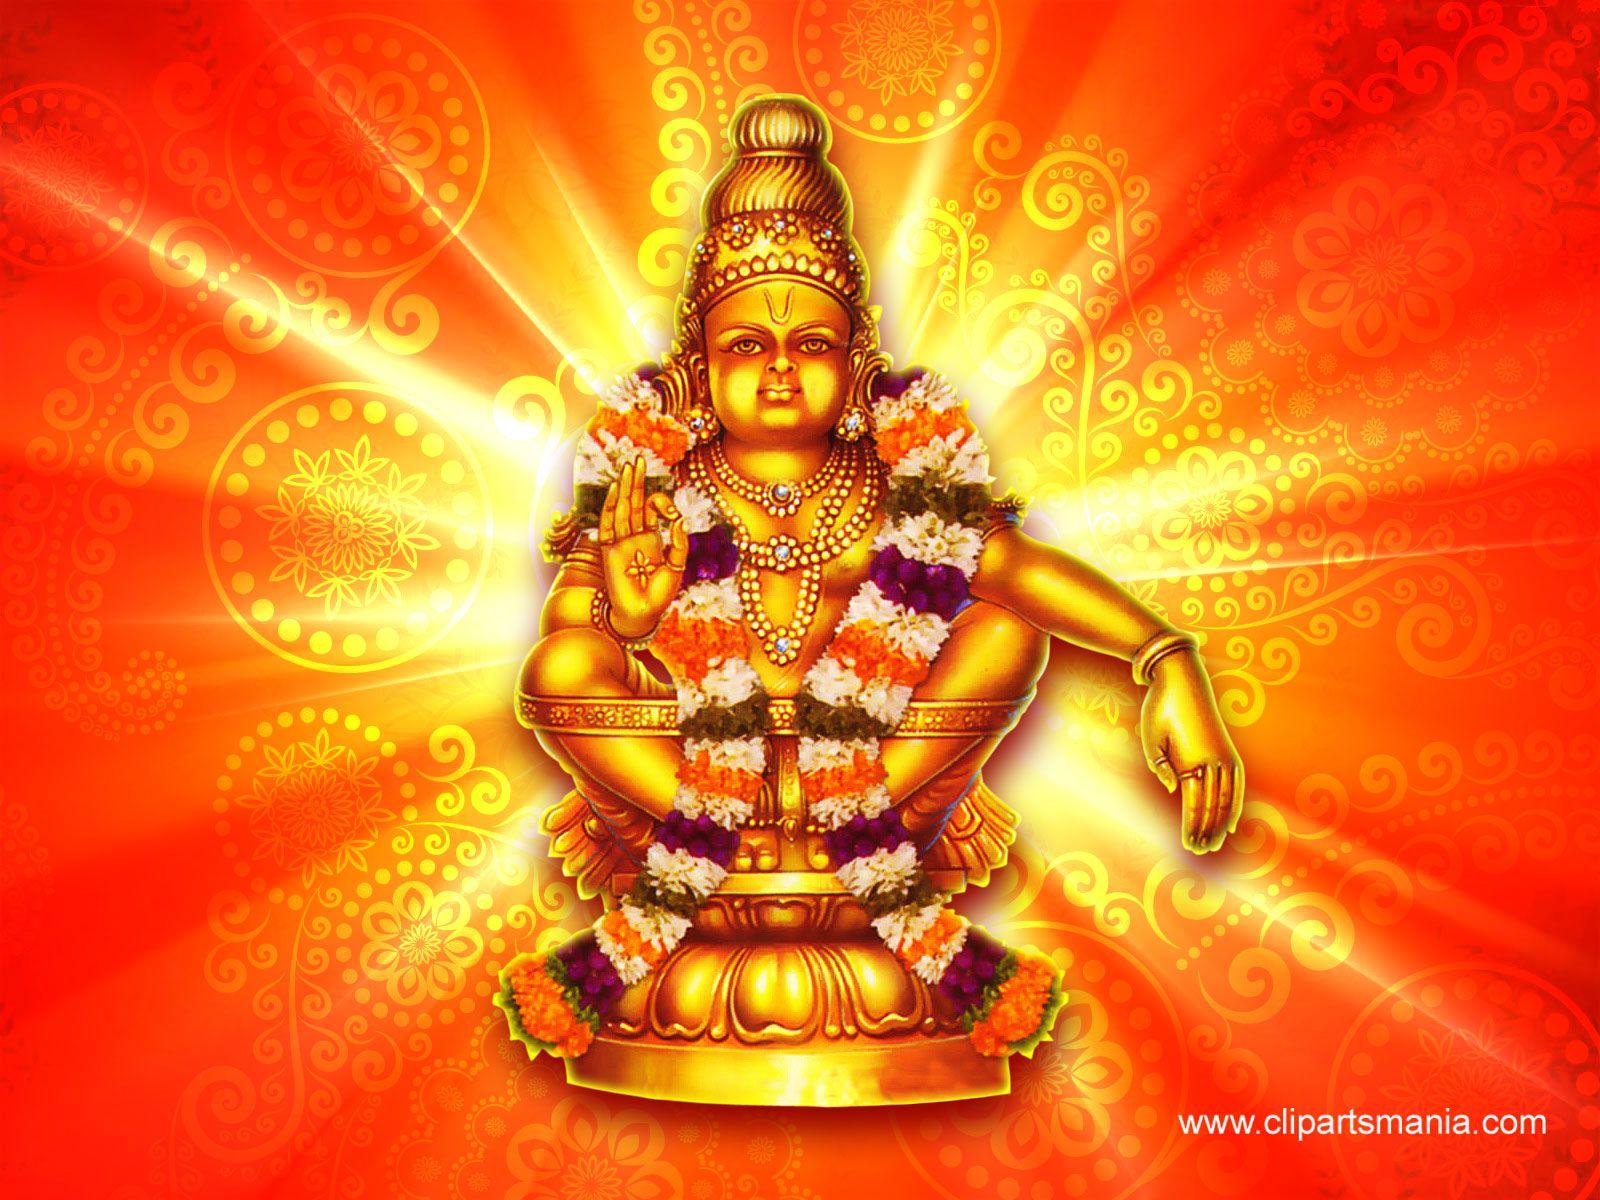 ayyappanhdimagedownload.jpg (1600×1200) Audio songs